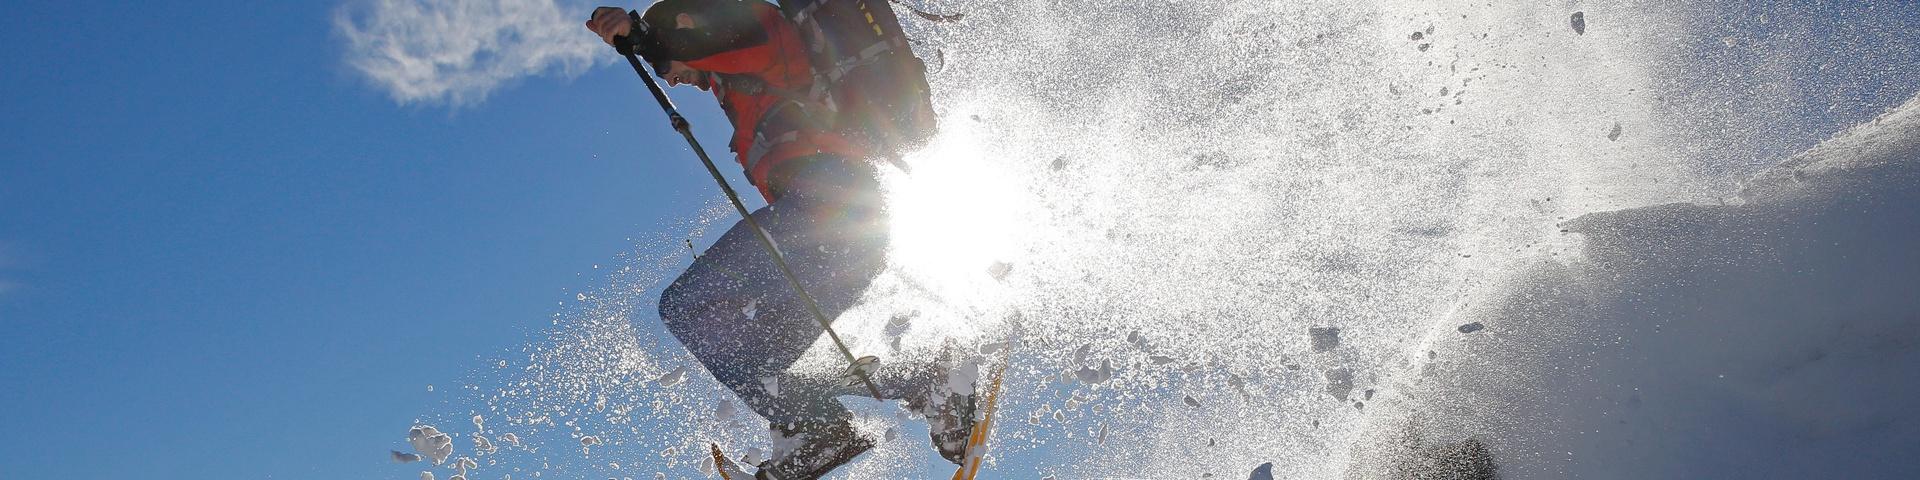 Schneeschuhwandern © Schladming-Dachstein/Herbert Raffalt